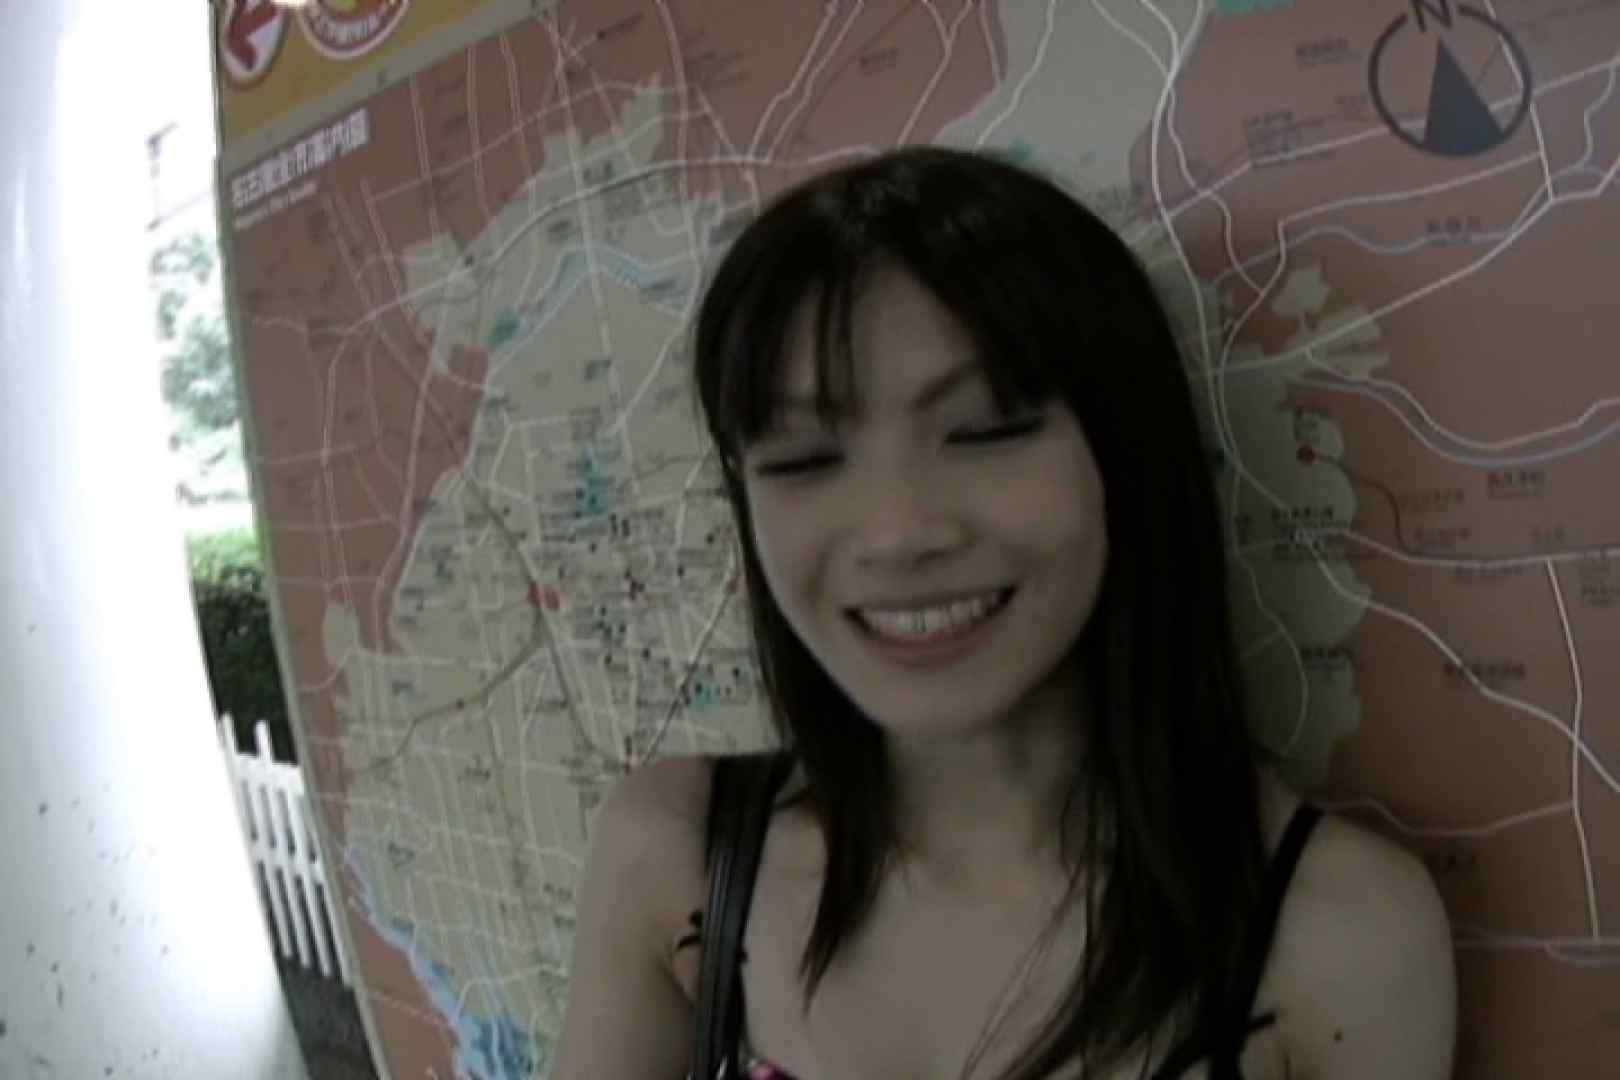 素人ナンパ本番撮り!出会い系でGET!Vol.15 フェラ | ナンパ  102pic 39